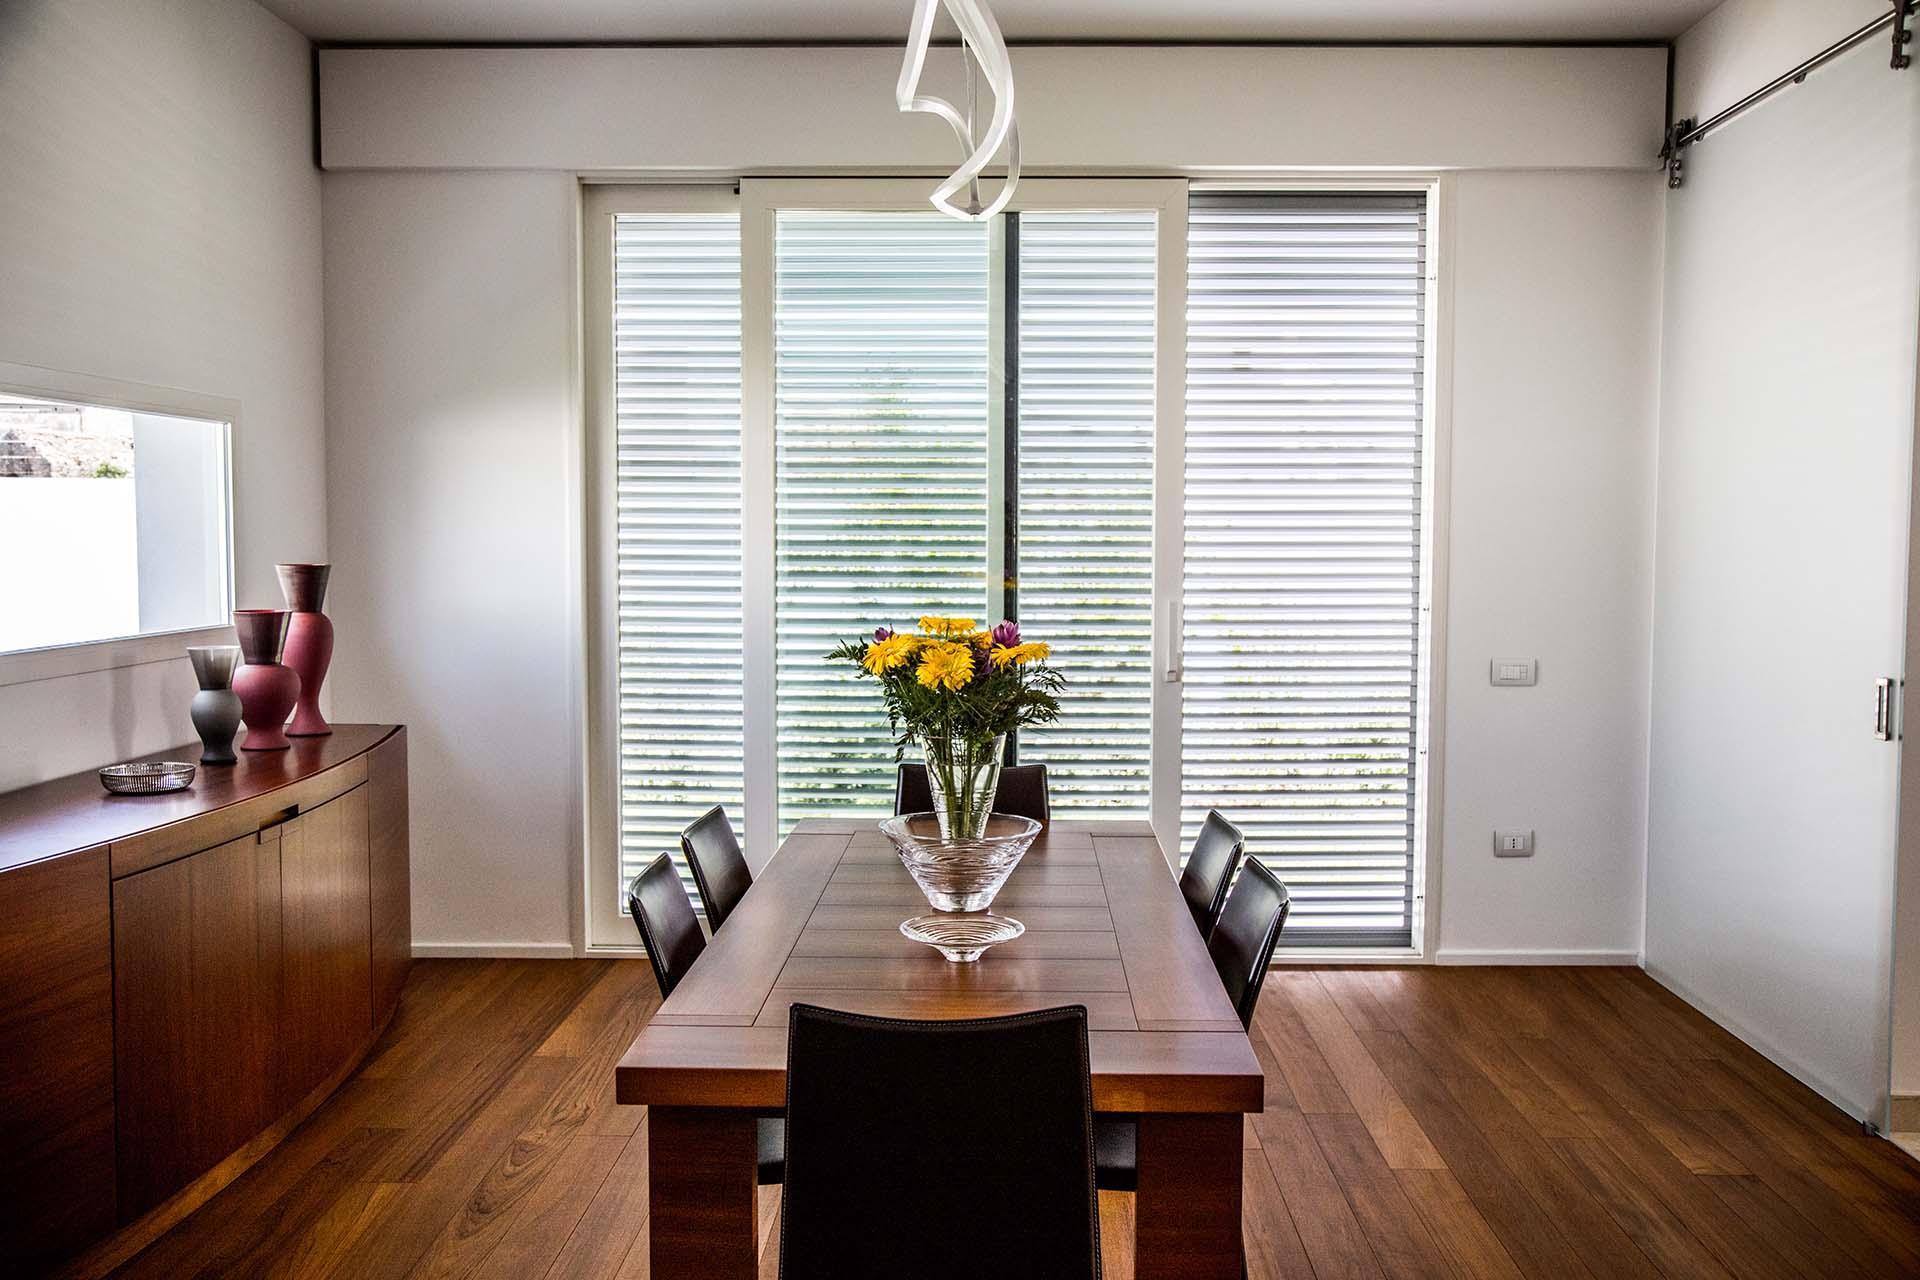 Persiane o tapparelle quali infissi scegliere in fissa per for Disegno finestra con persiane